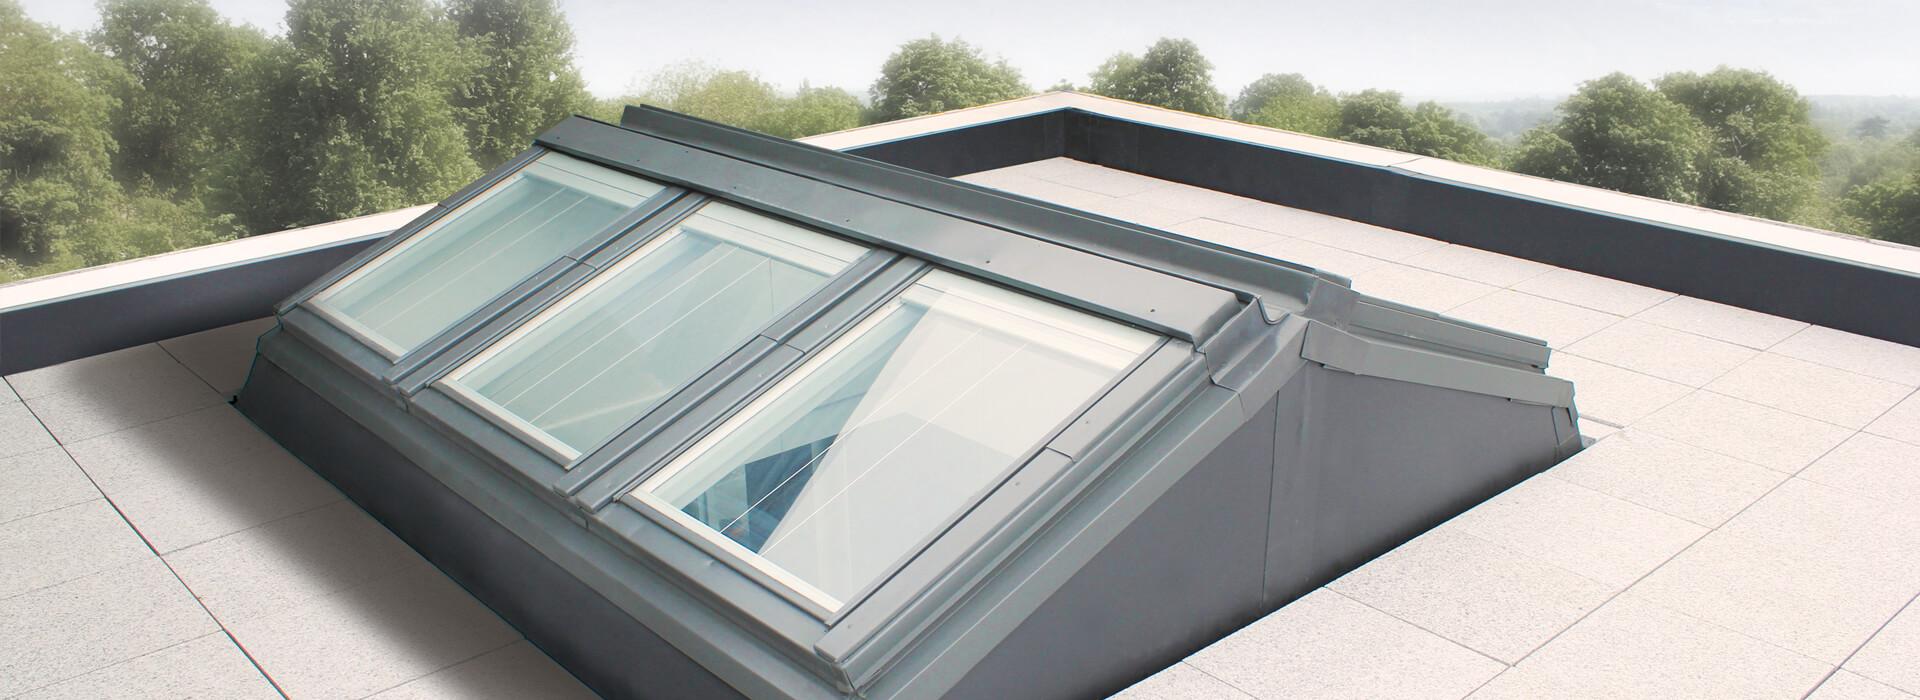 Sistema apex per tetti piani keylite roof windows - Finestre per tetti piani ...